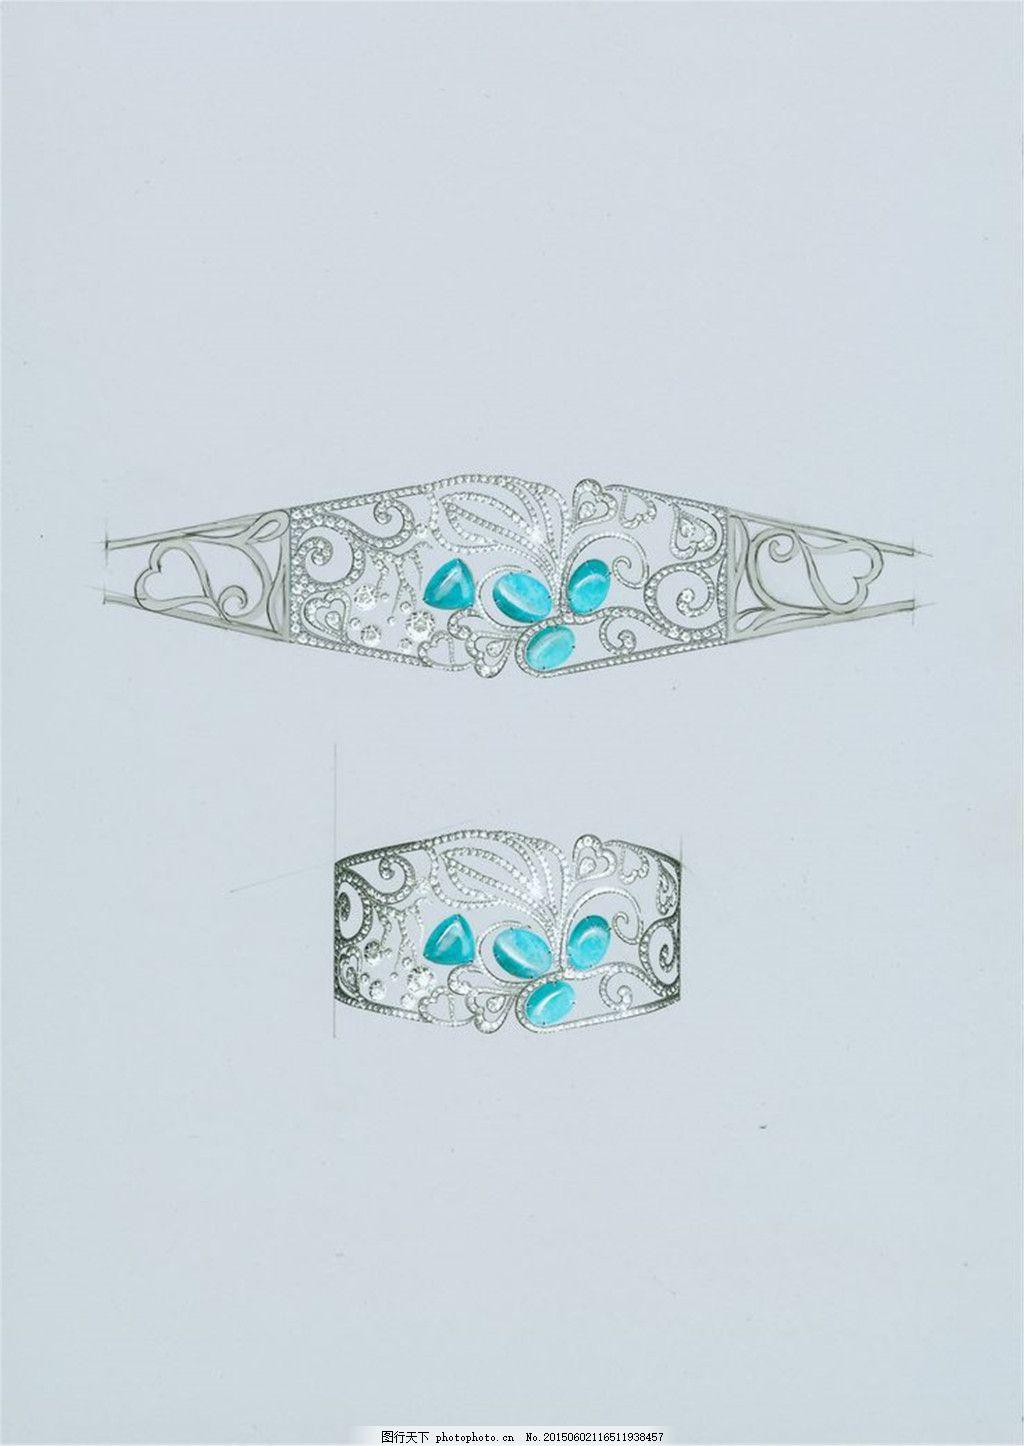 时尚手链图片设计 手绘 珠宝 创意 潮流 新颖 美丽 青色 天蓝色